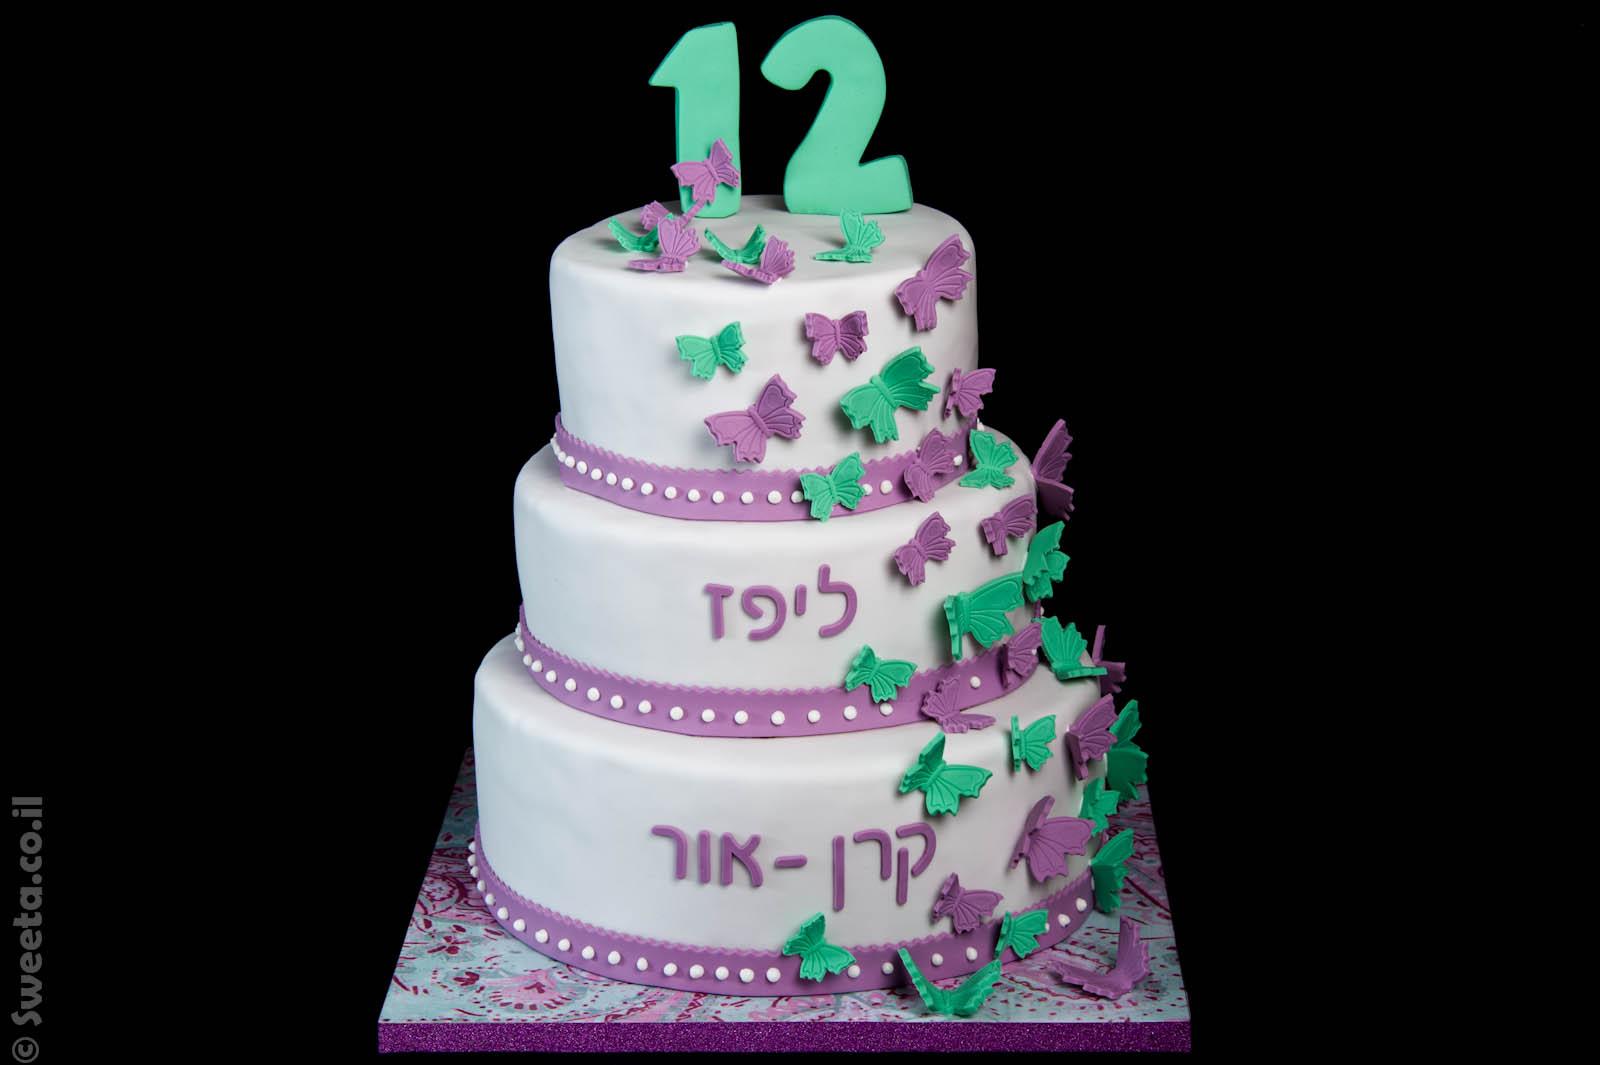 עוגת בת מצווה שלוש קומות מעוצבת בבצק סוכר עם פרפרים